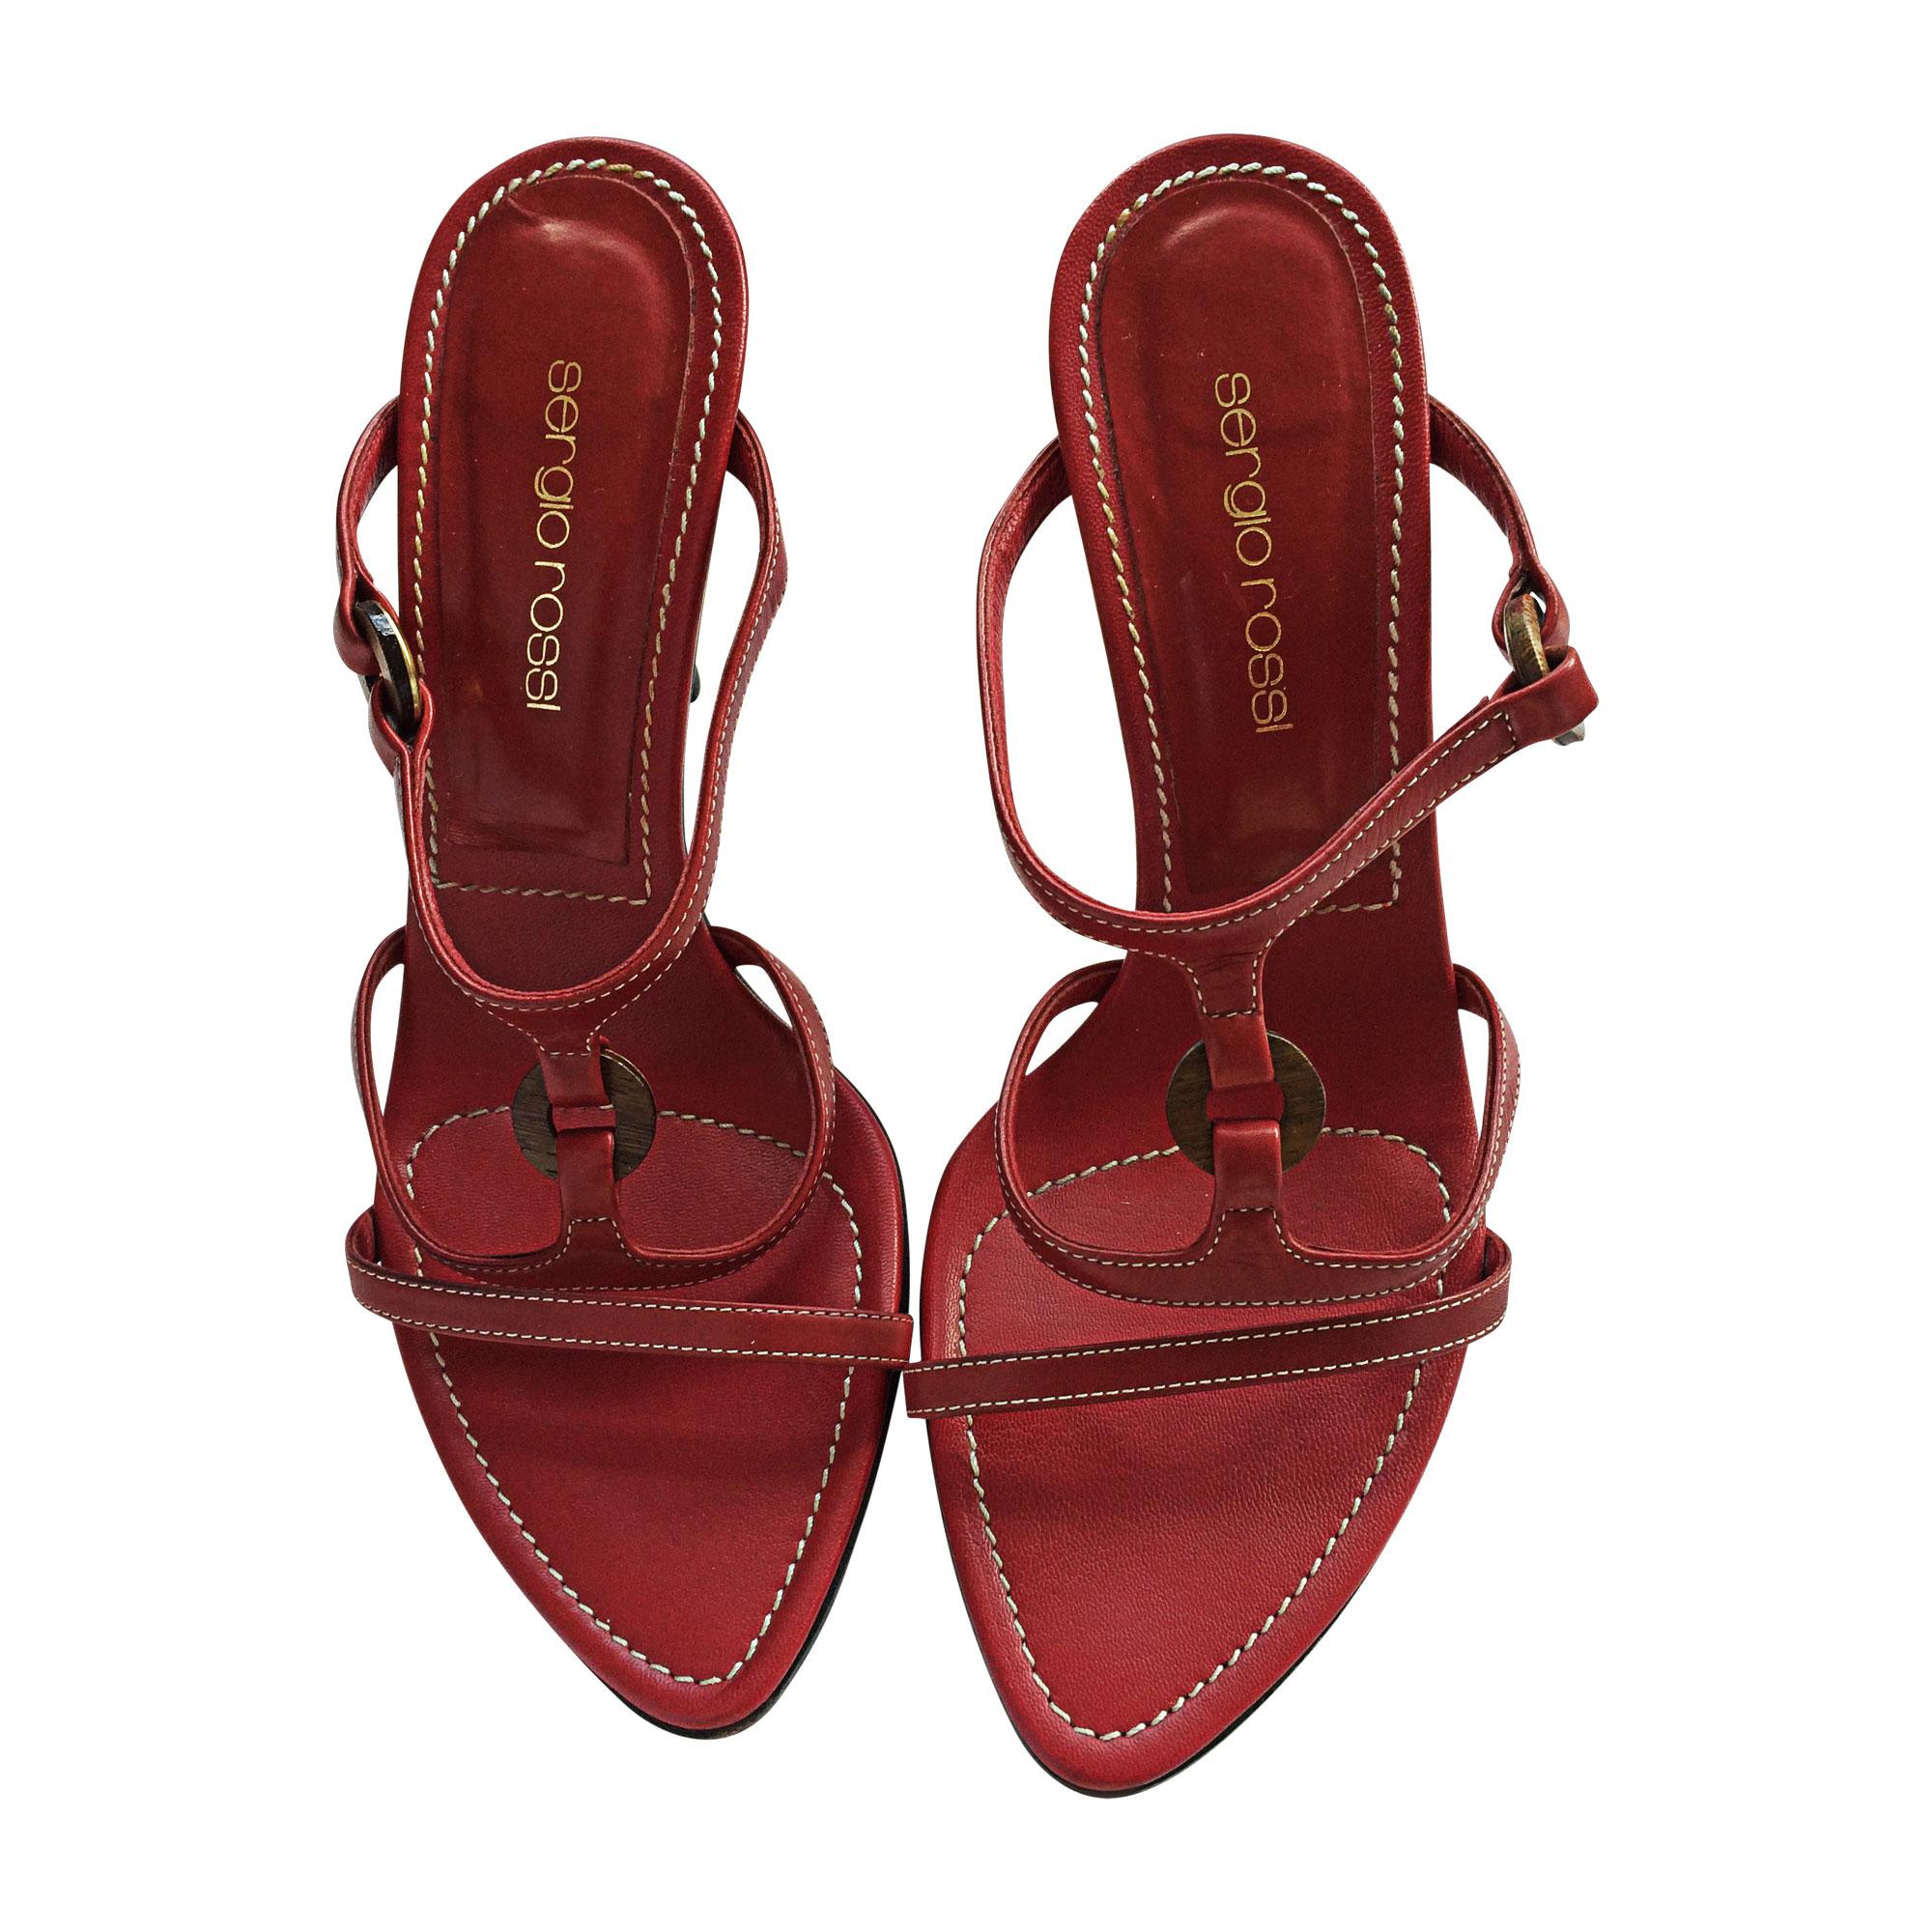 Sandales à talons SERGIO ROSSI Rouge, bordeaux